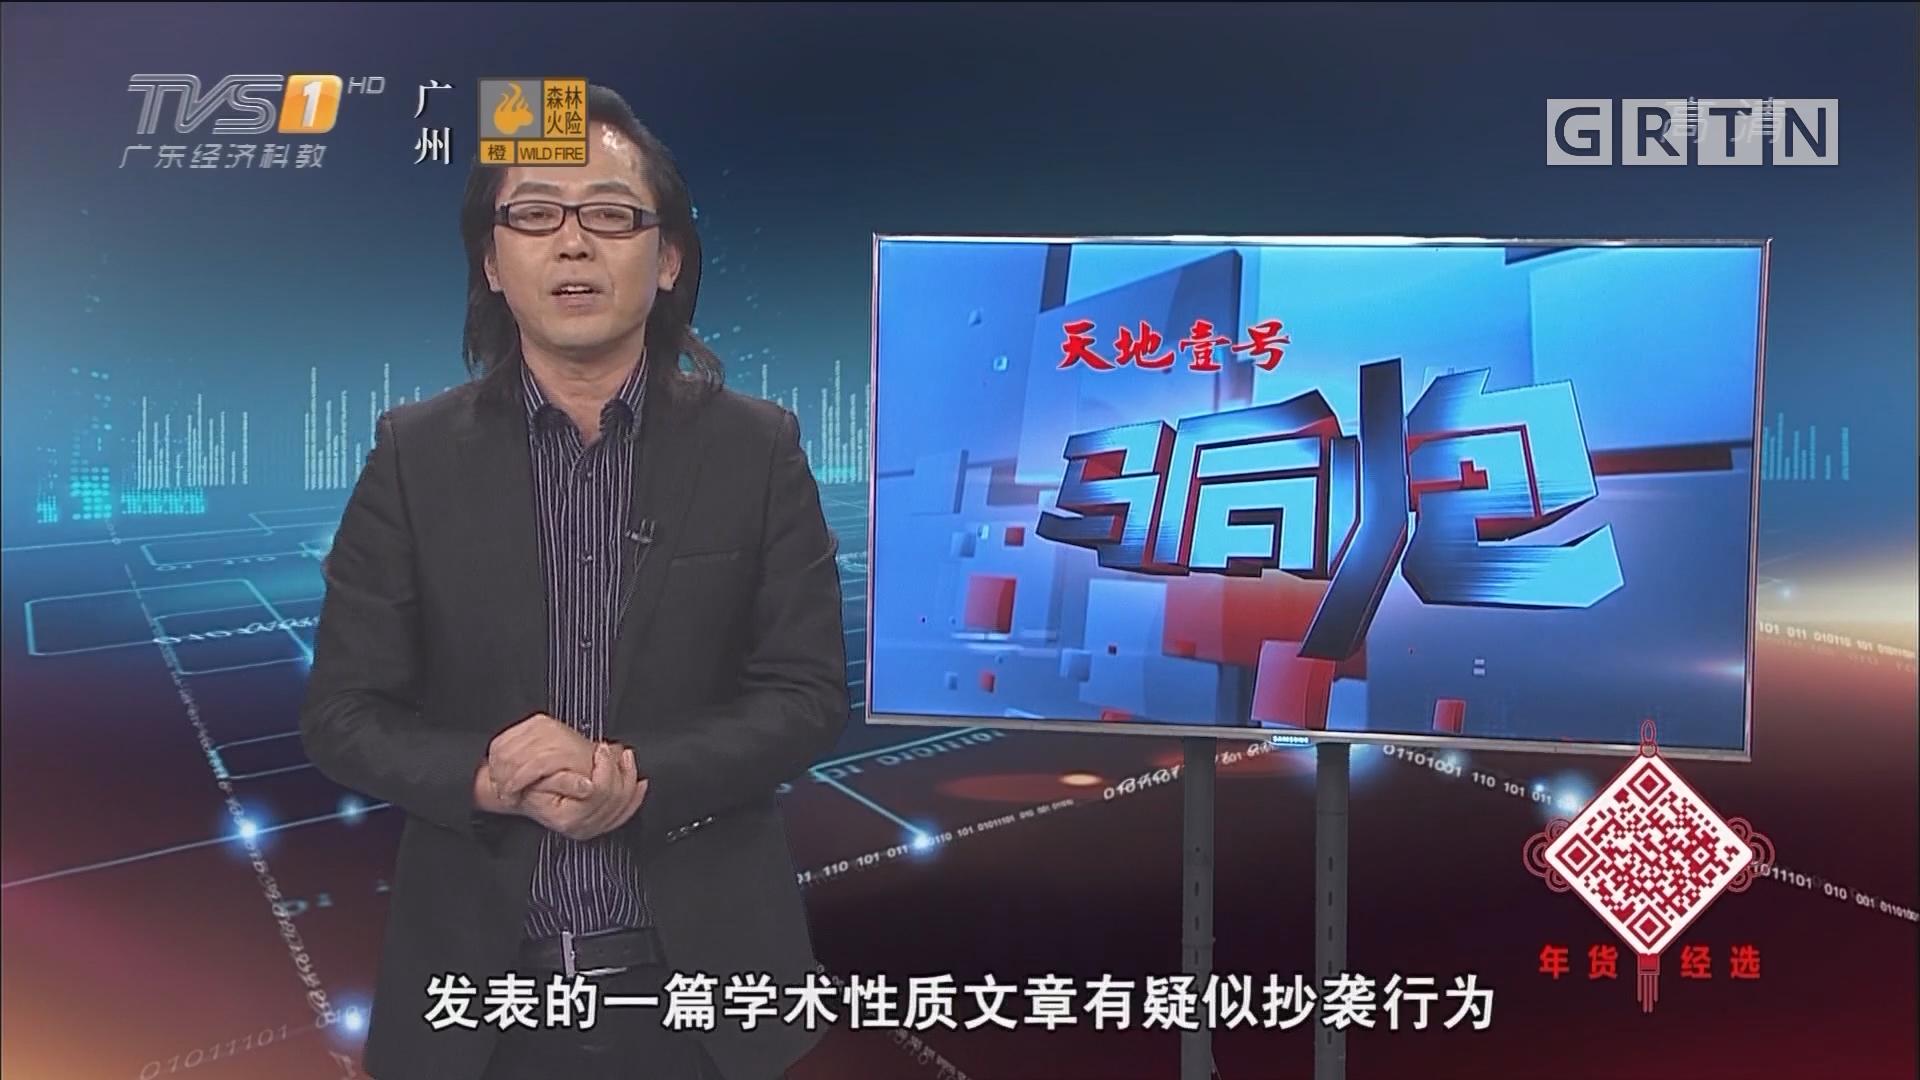 [HD][2019-02-15]马后炮:春节档票价高涨 电影产业太依赖票房收入